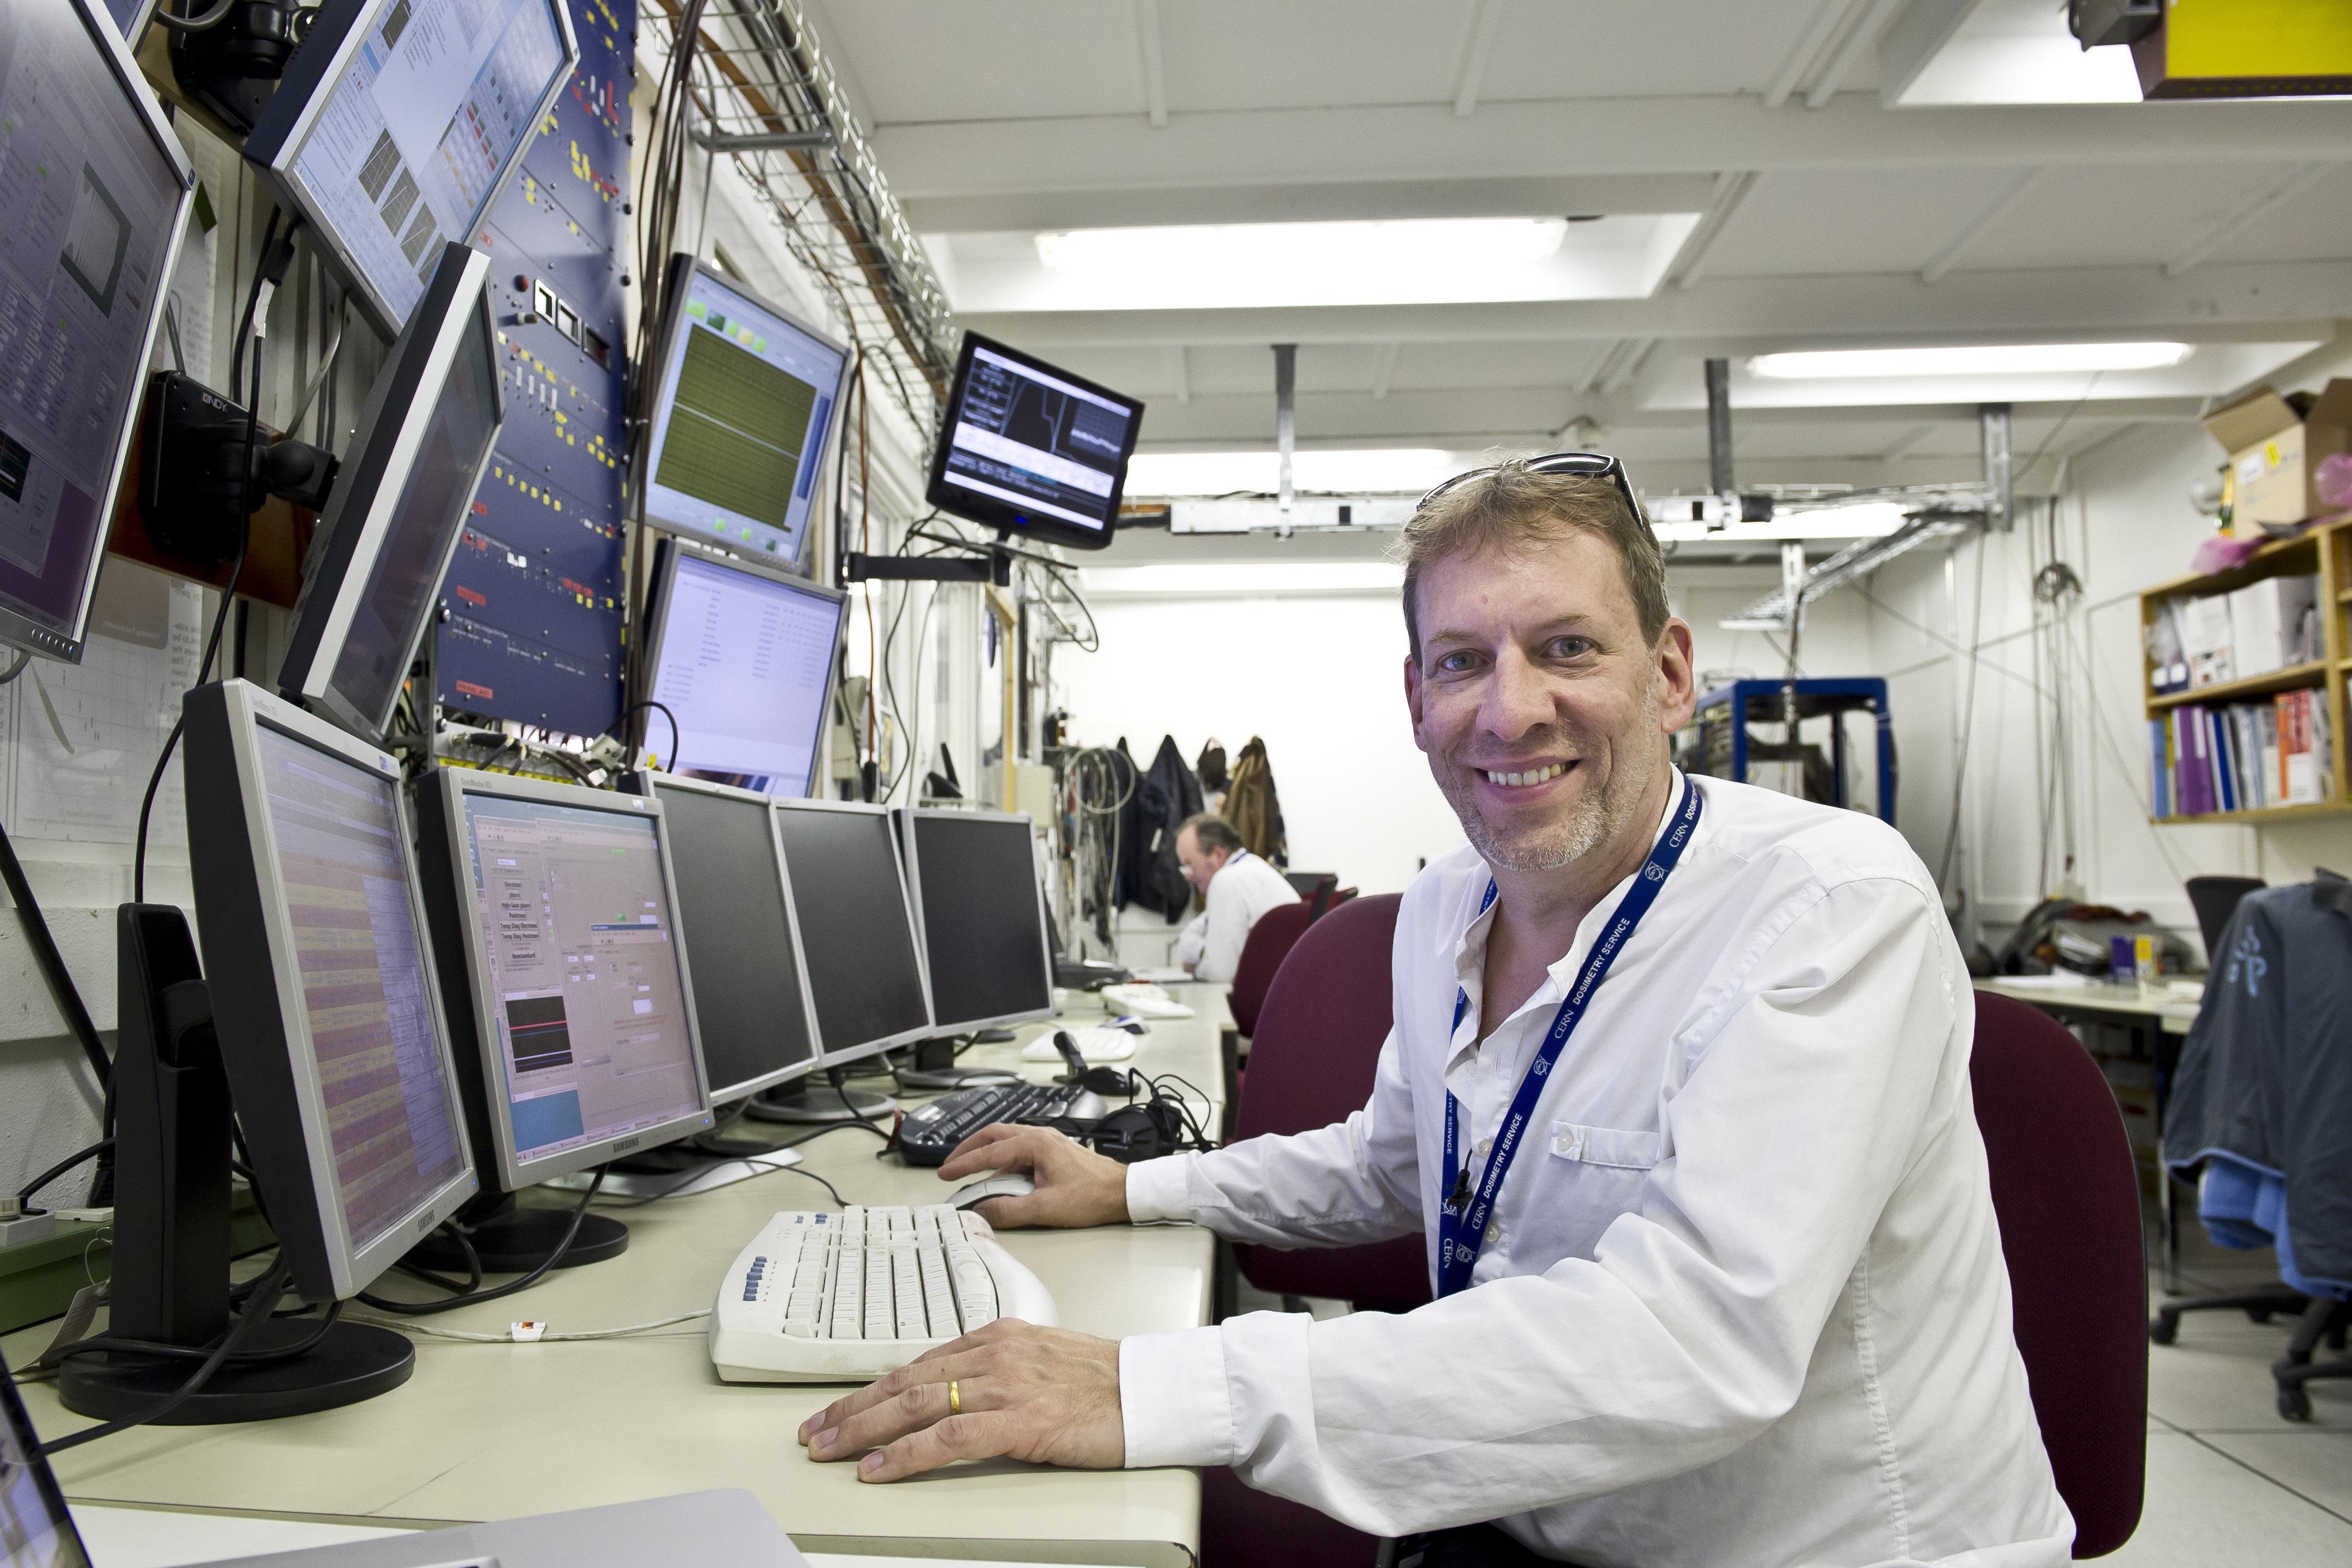 Aftenens forelæser, Jeff Hangst, i APLHAs kontrolrum på det europæiske partikelforskningscenter CERN hvor han og hans forskningsgruppe forsker i antistof. | Foto: CERN.